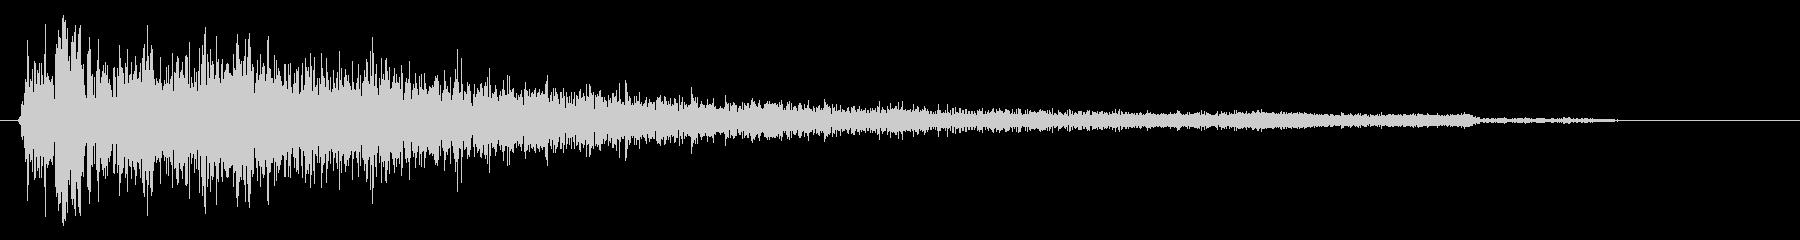 バーン(破裂音に近い打撃音)の未再生の波形